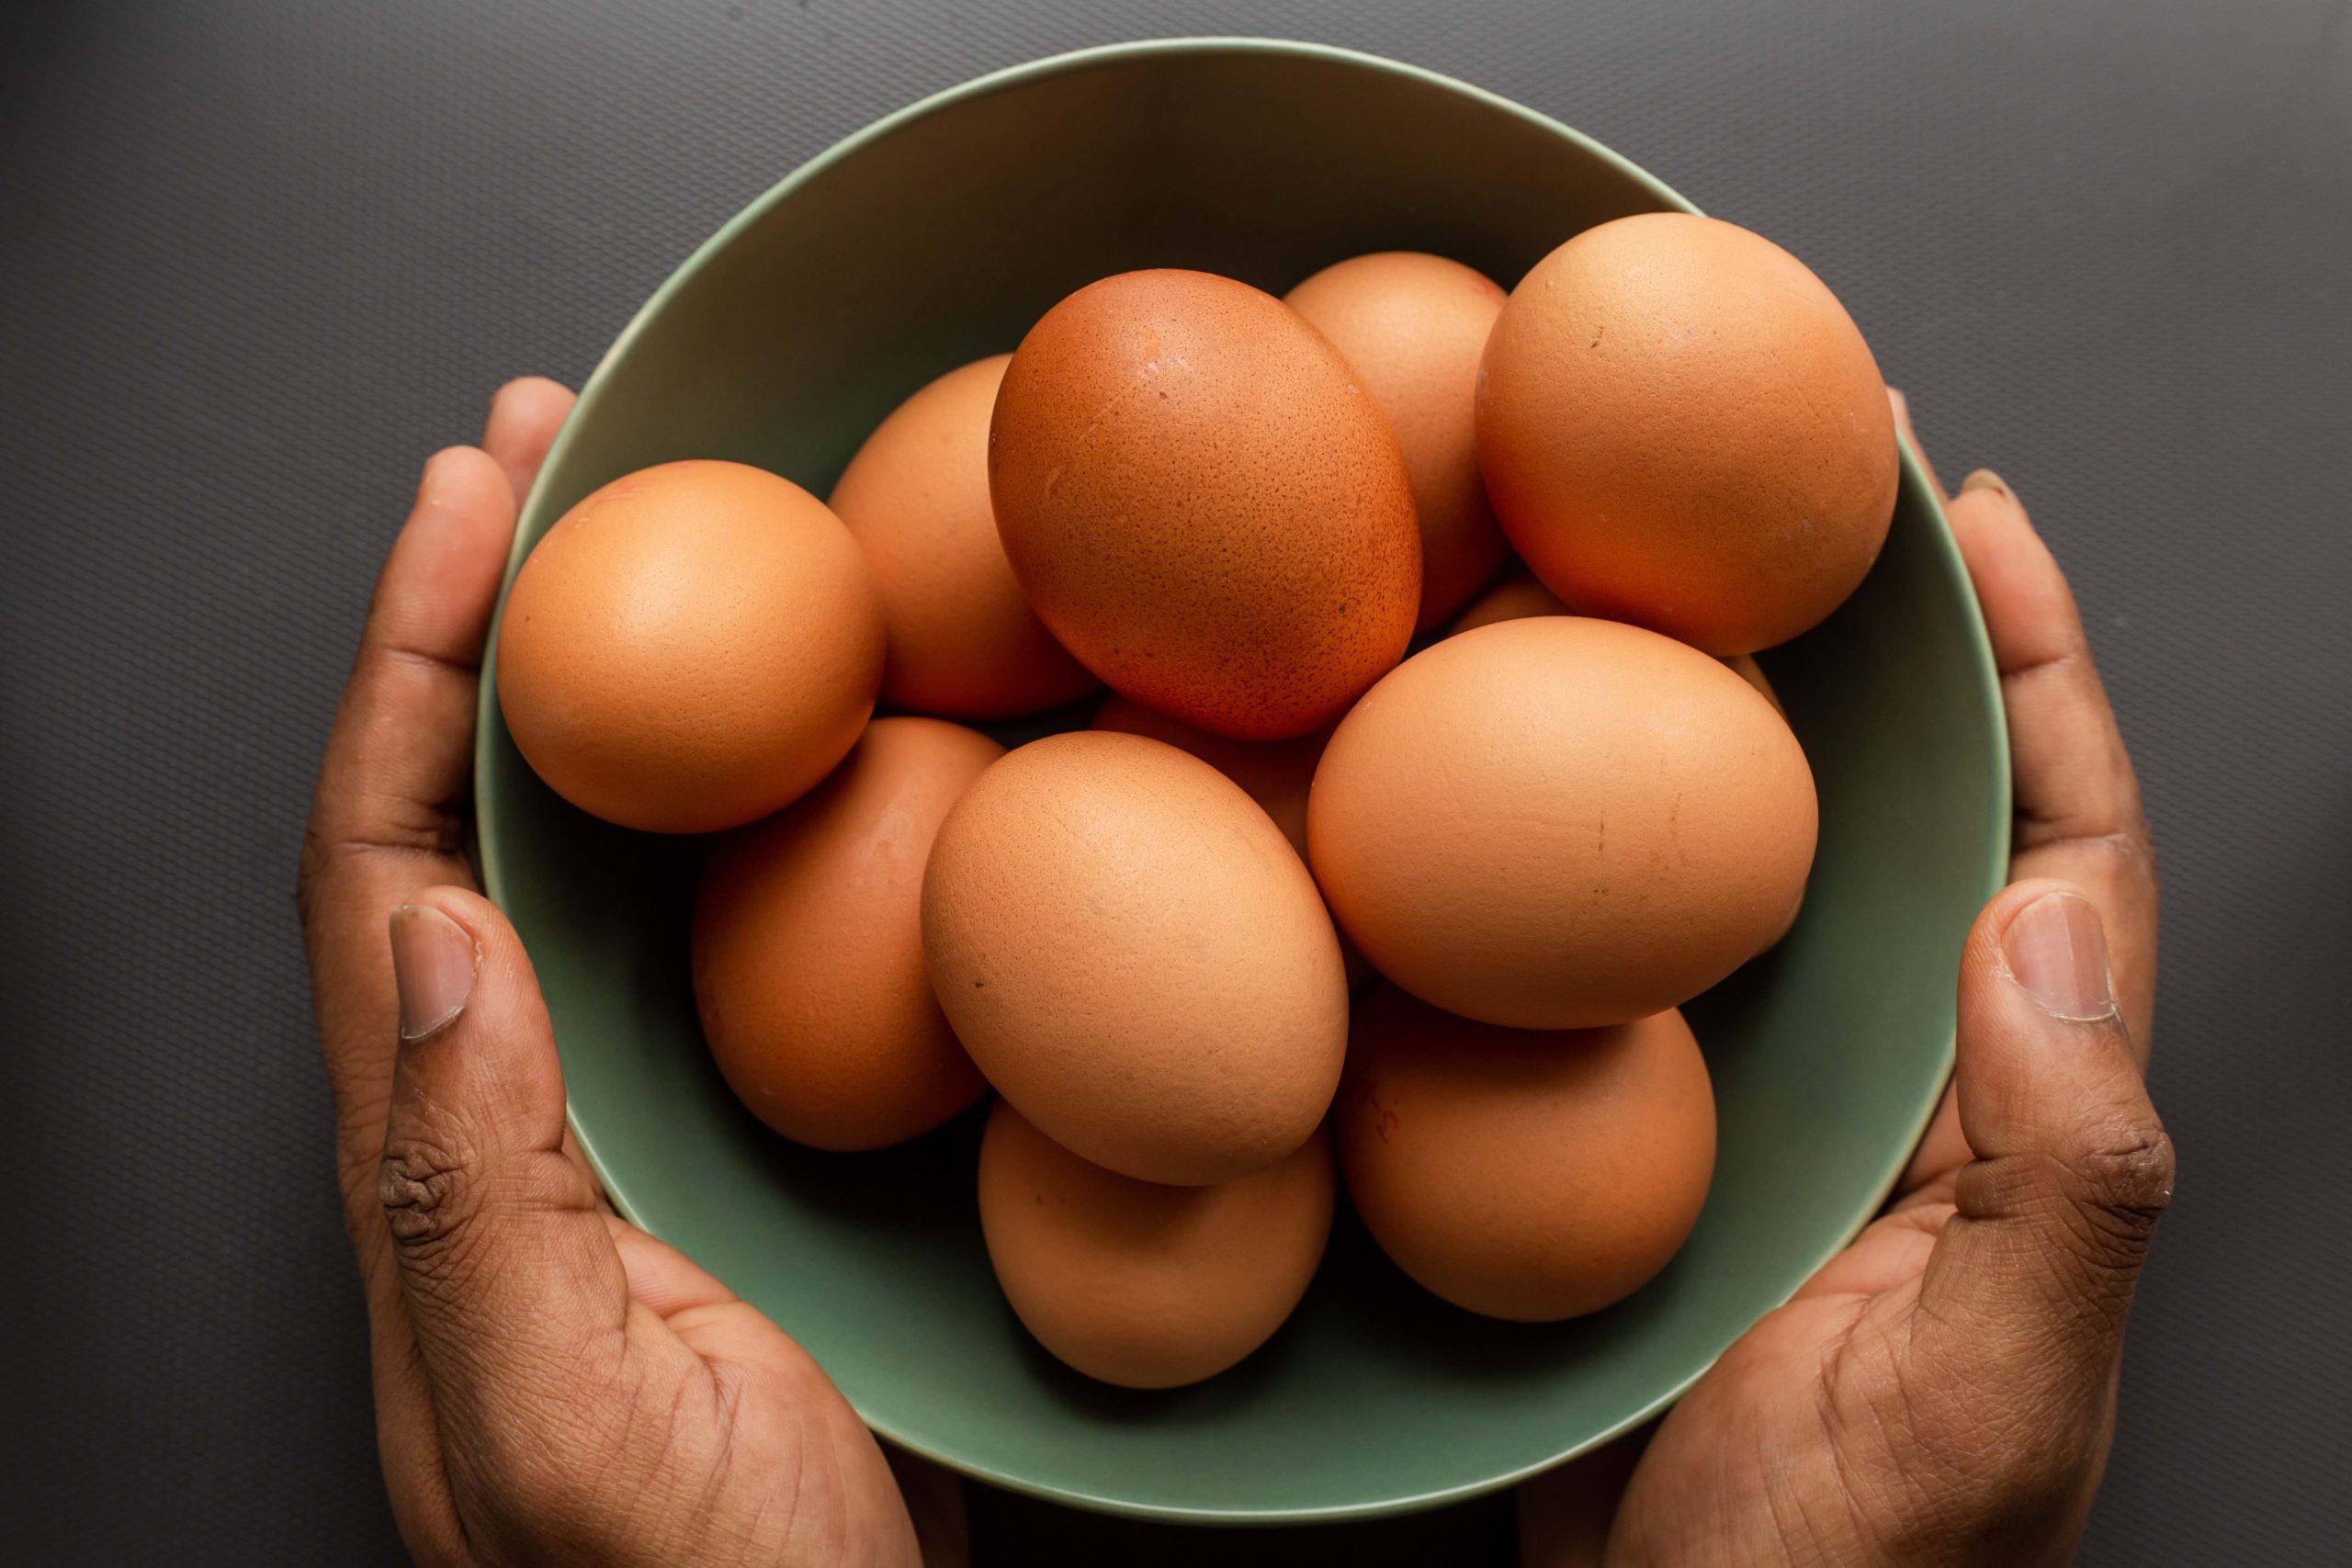 Hände halten eine Schüssel mit Eiern